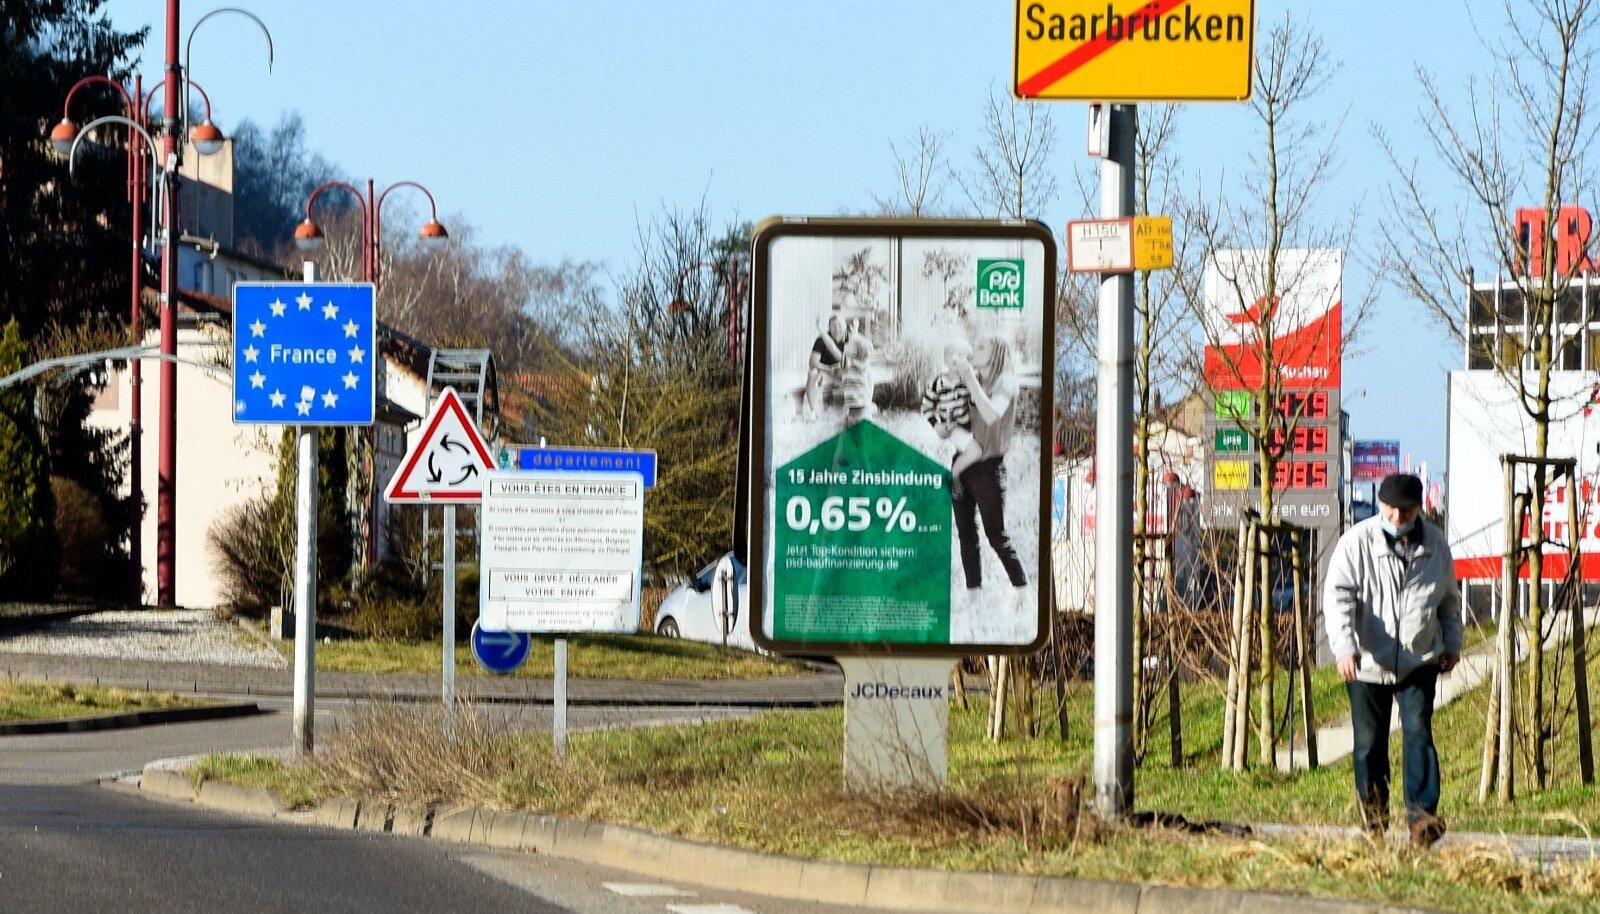 Saksa-Prantsuse piiri ala Saksamaal Saarbrückenis.